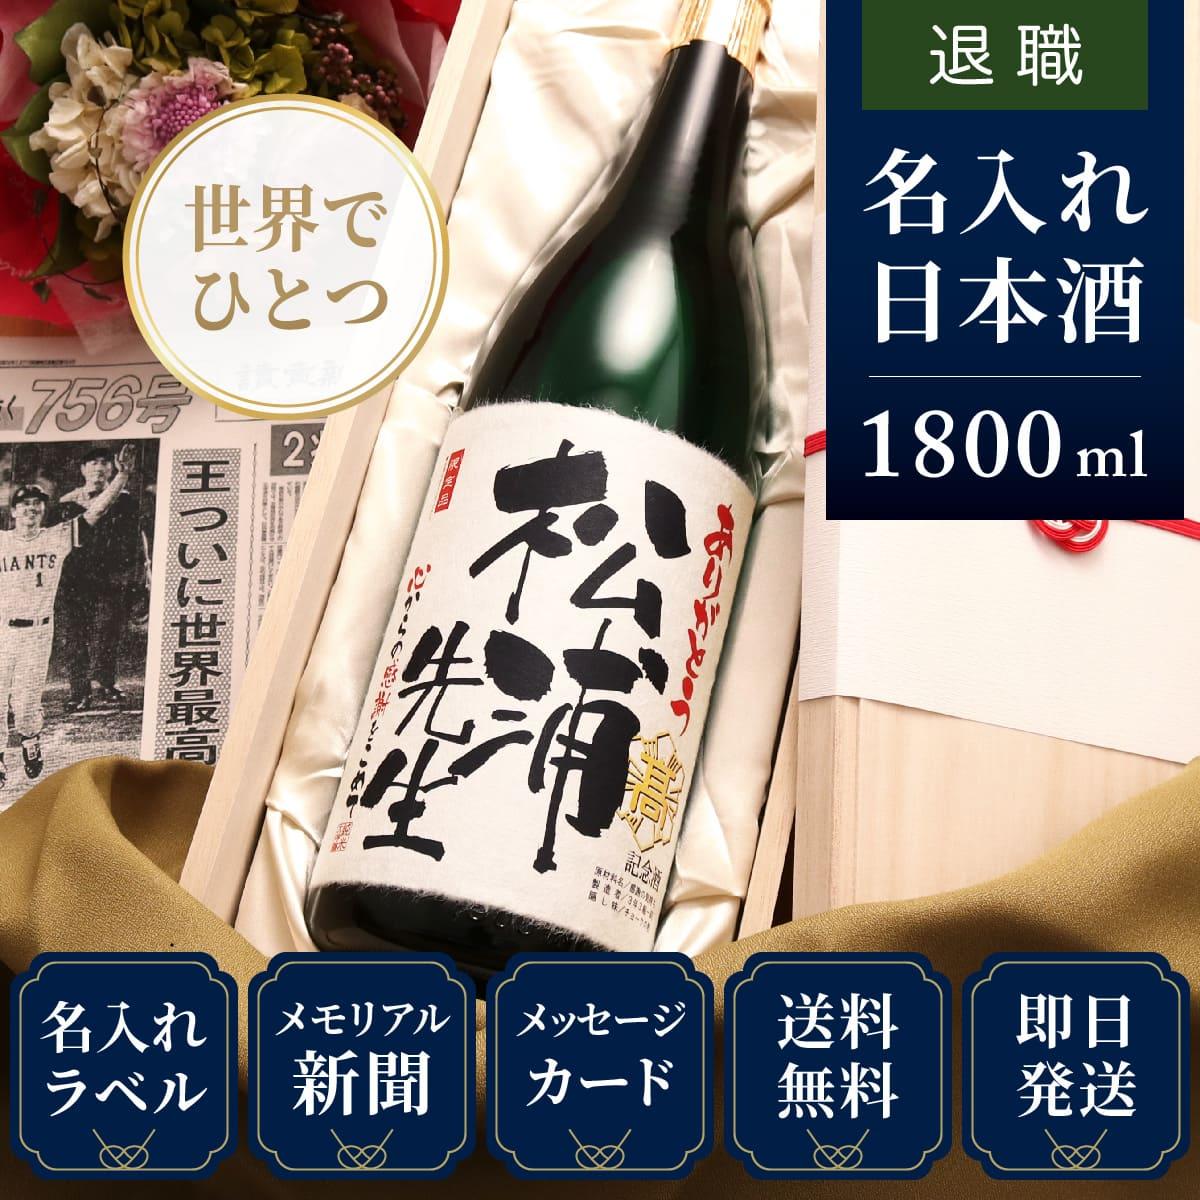 【退職のお祝いに】入社日の新聞付き名入れ日本酒1800ml≪緑樹≫【純米大吟醸】